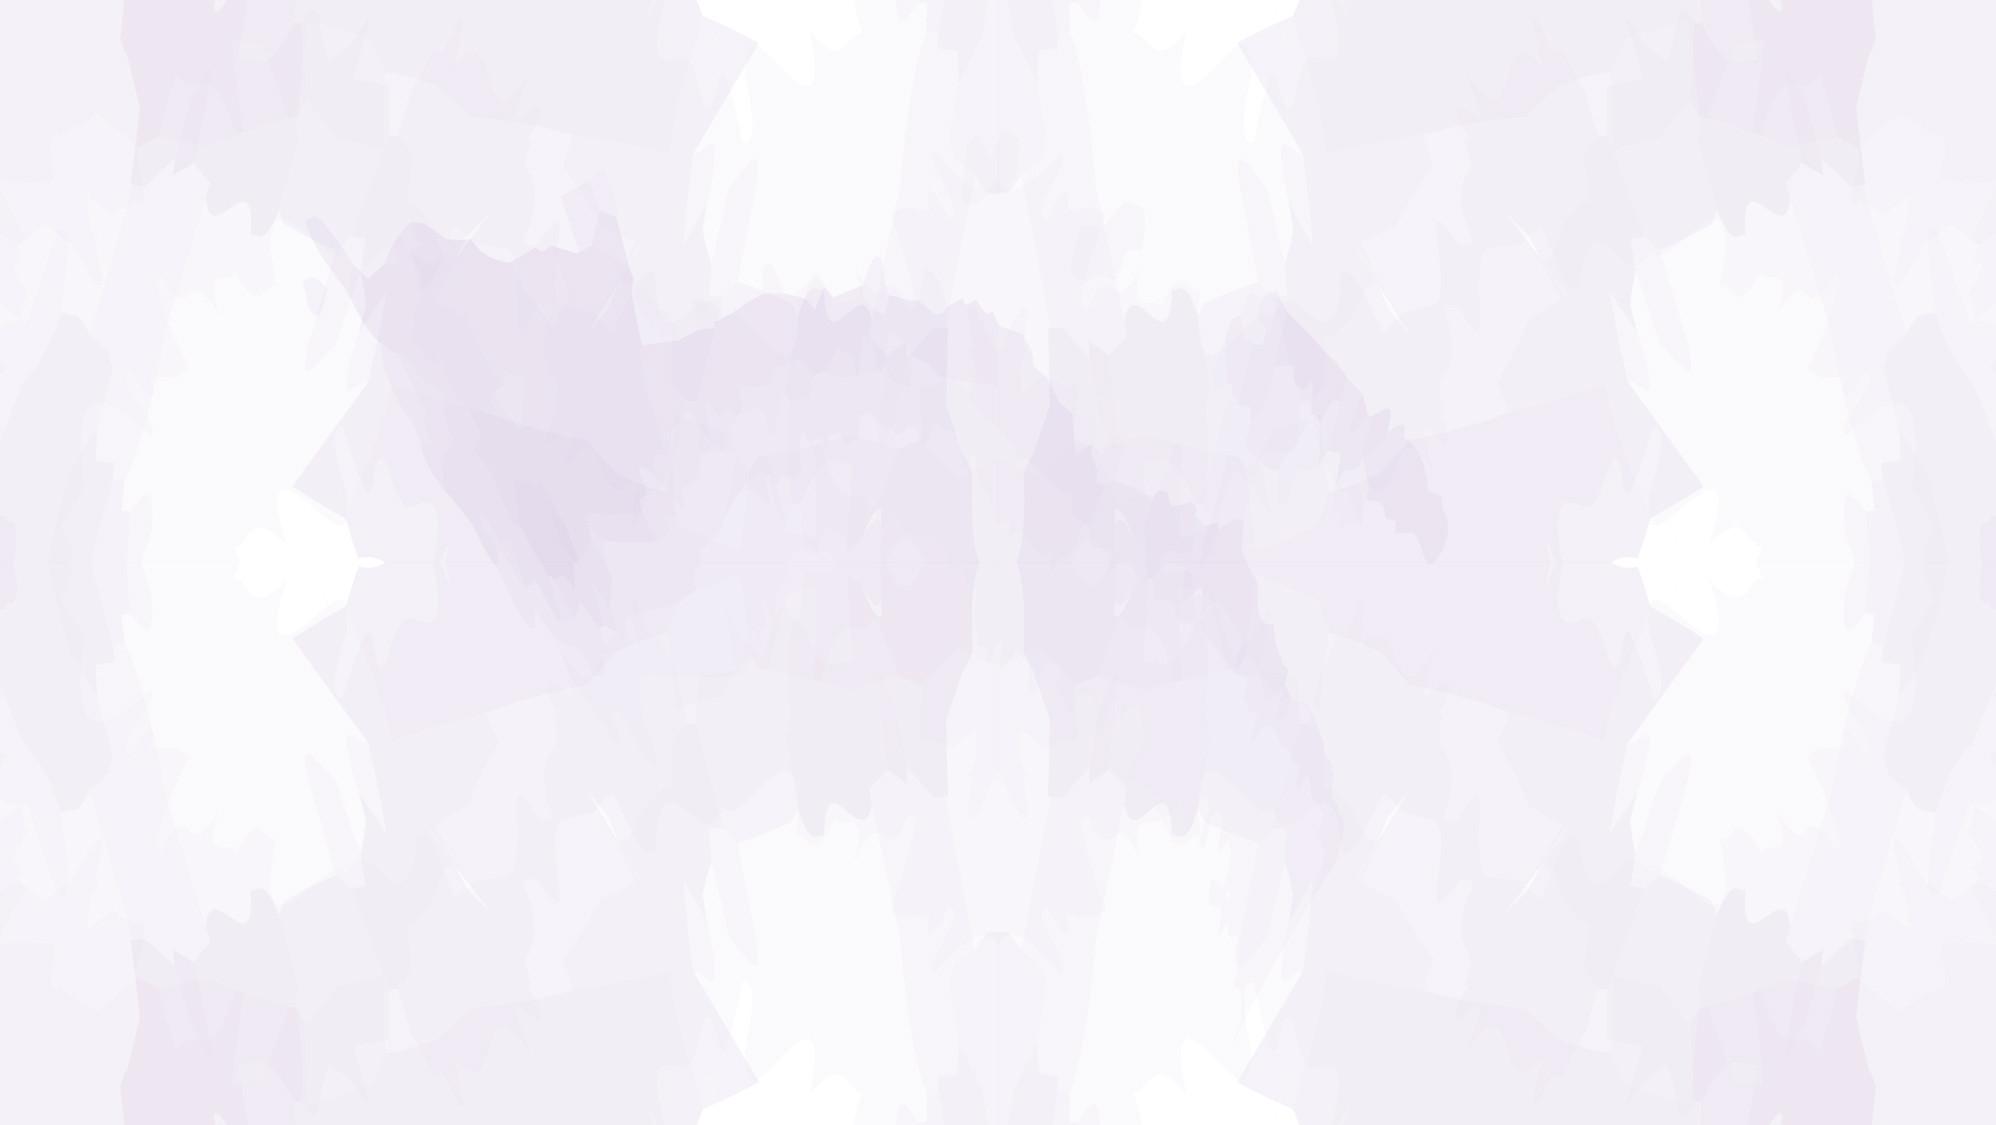 簡報2-07.jpg